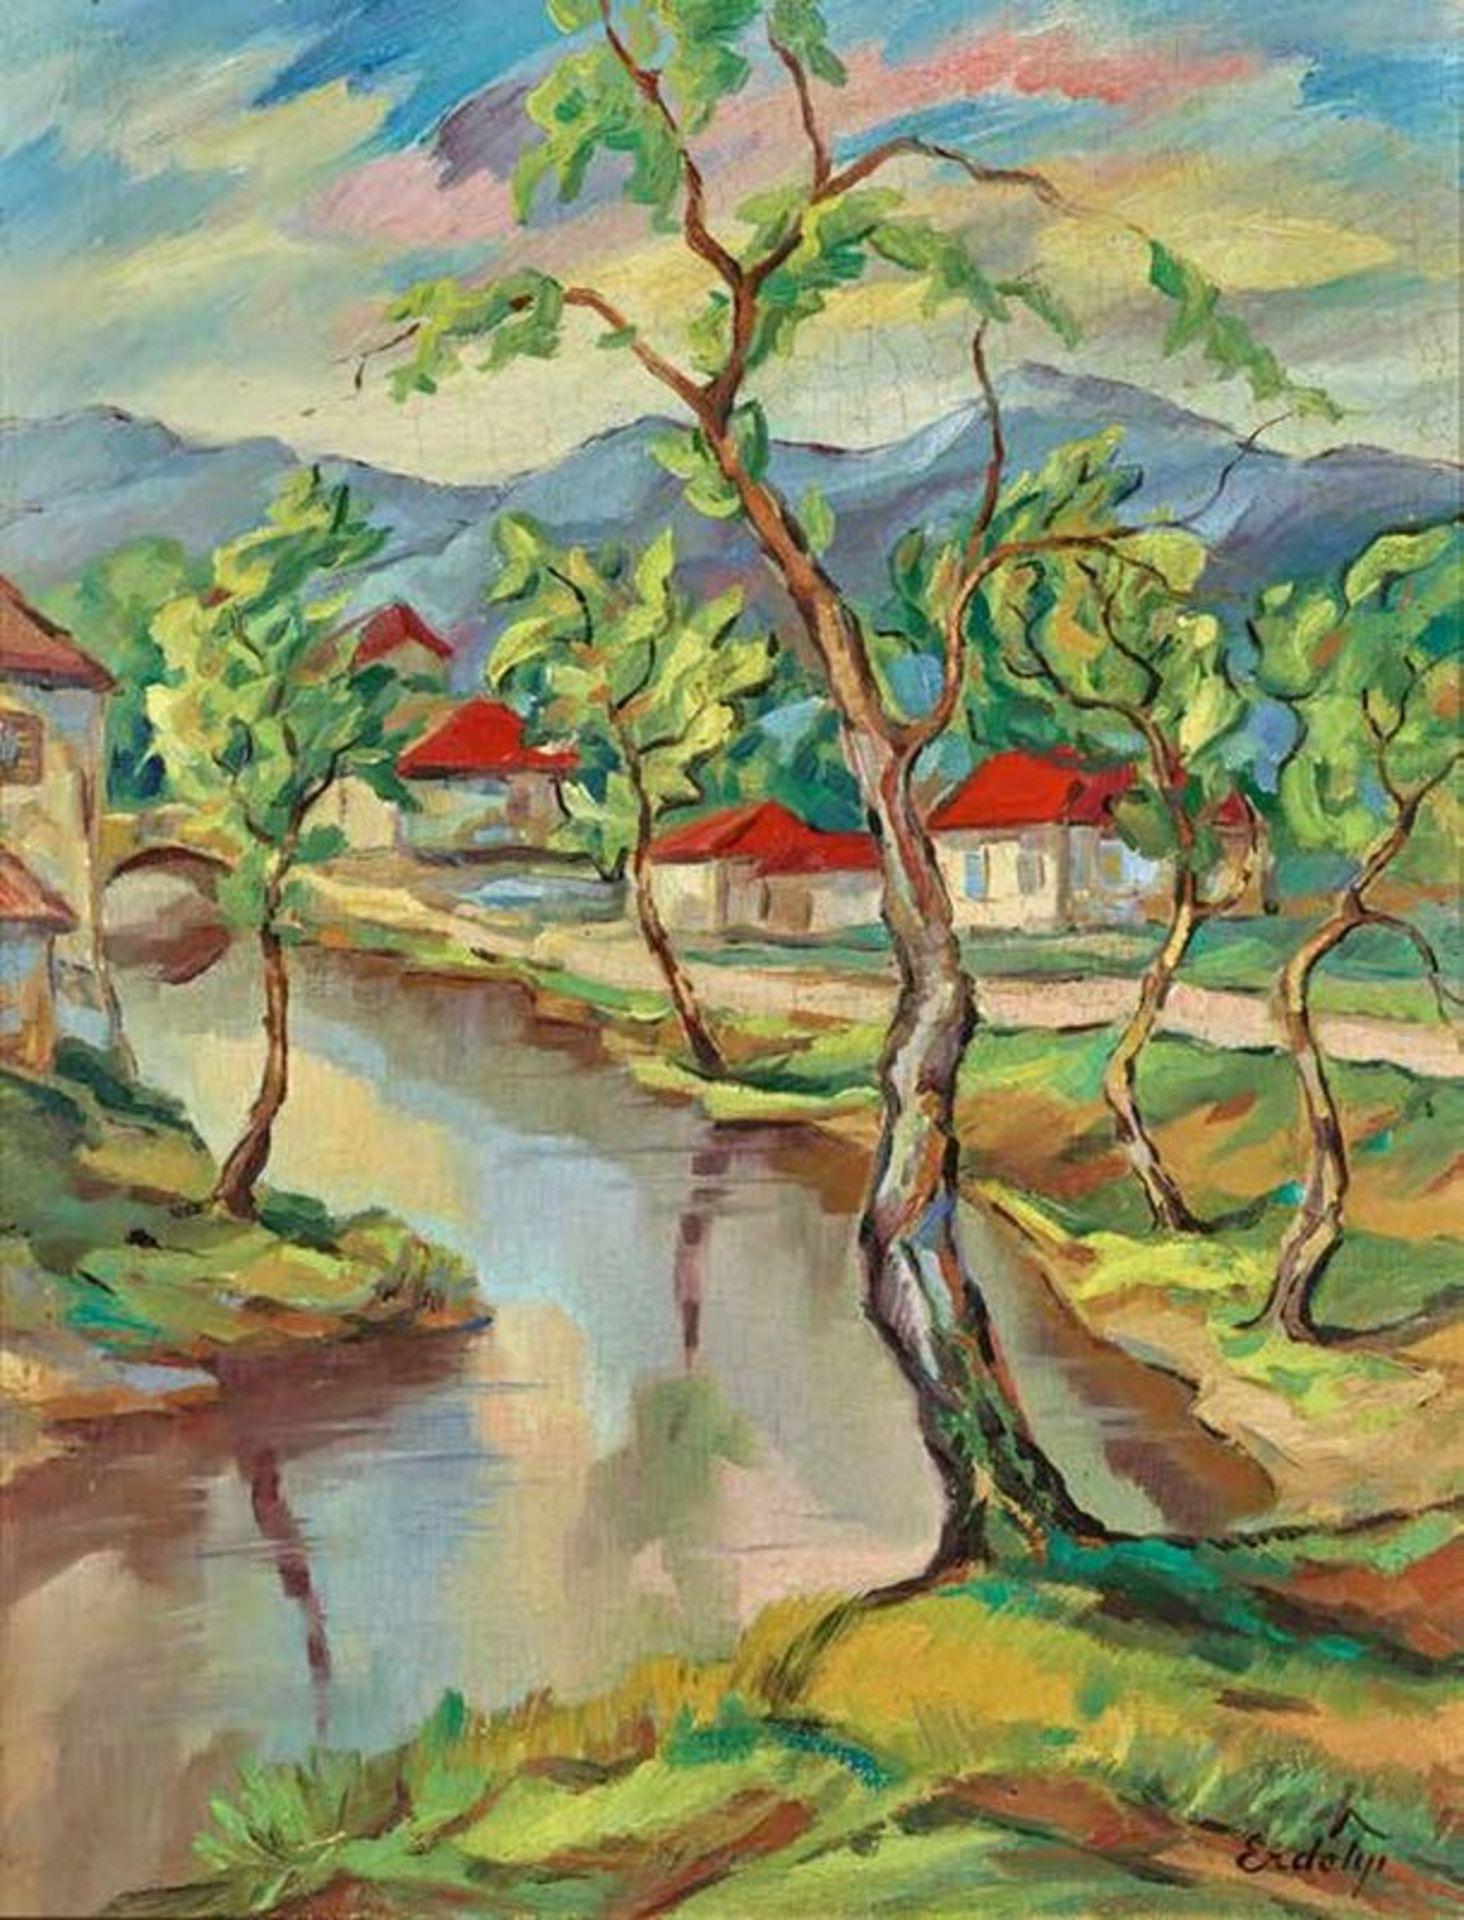 Los 557 - Bela ERDELYI (1891-1955) Landscape with red roofs - Signed Erdelyi (lower [...]